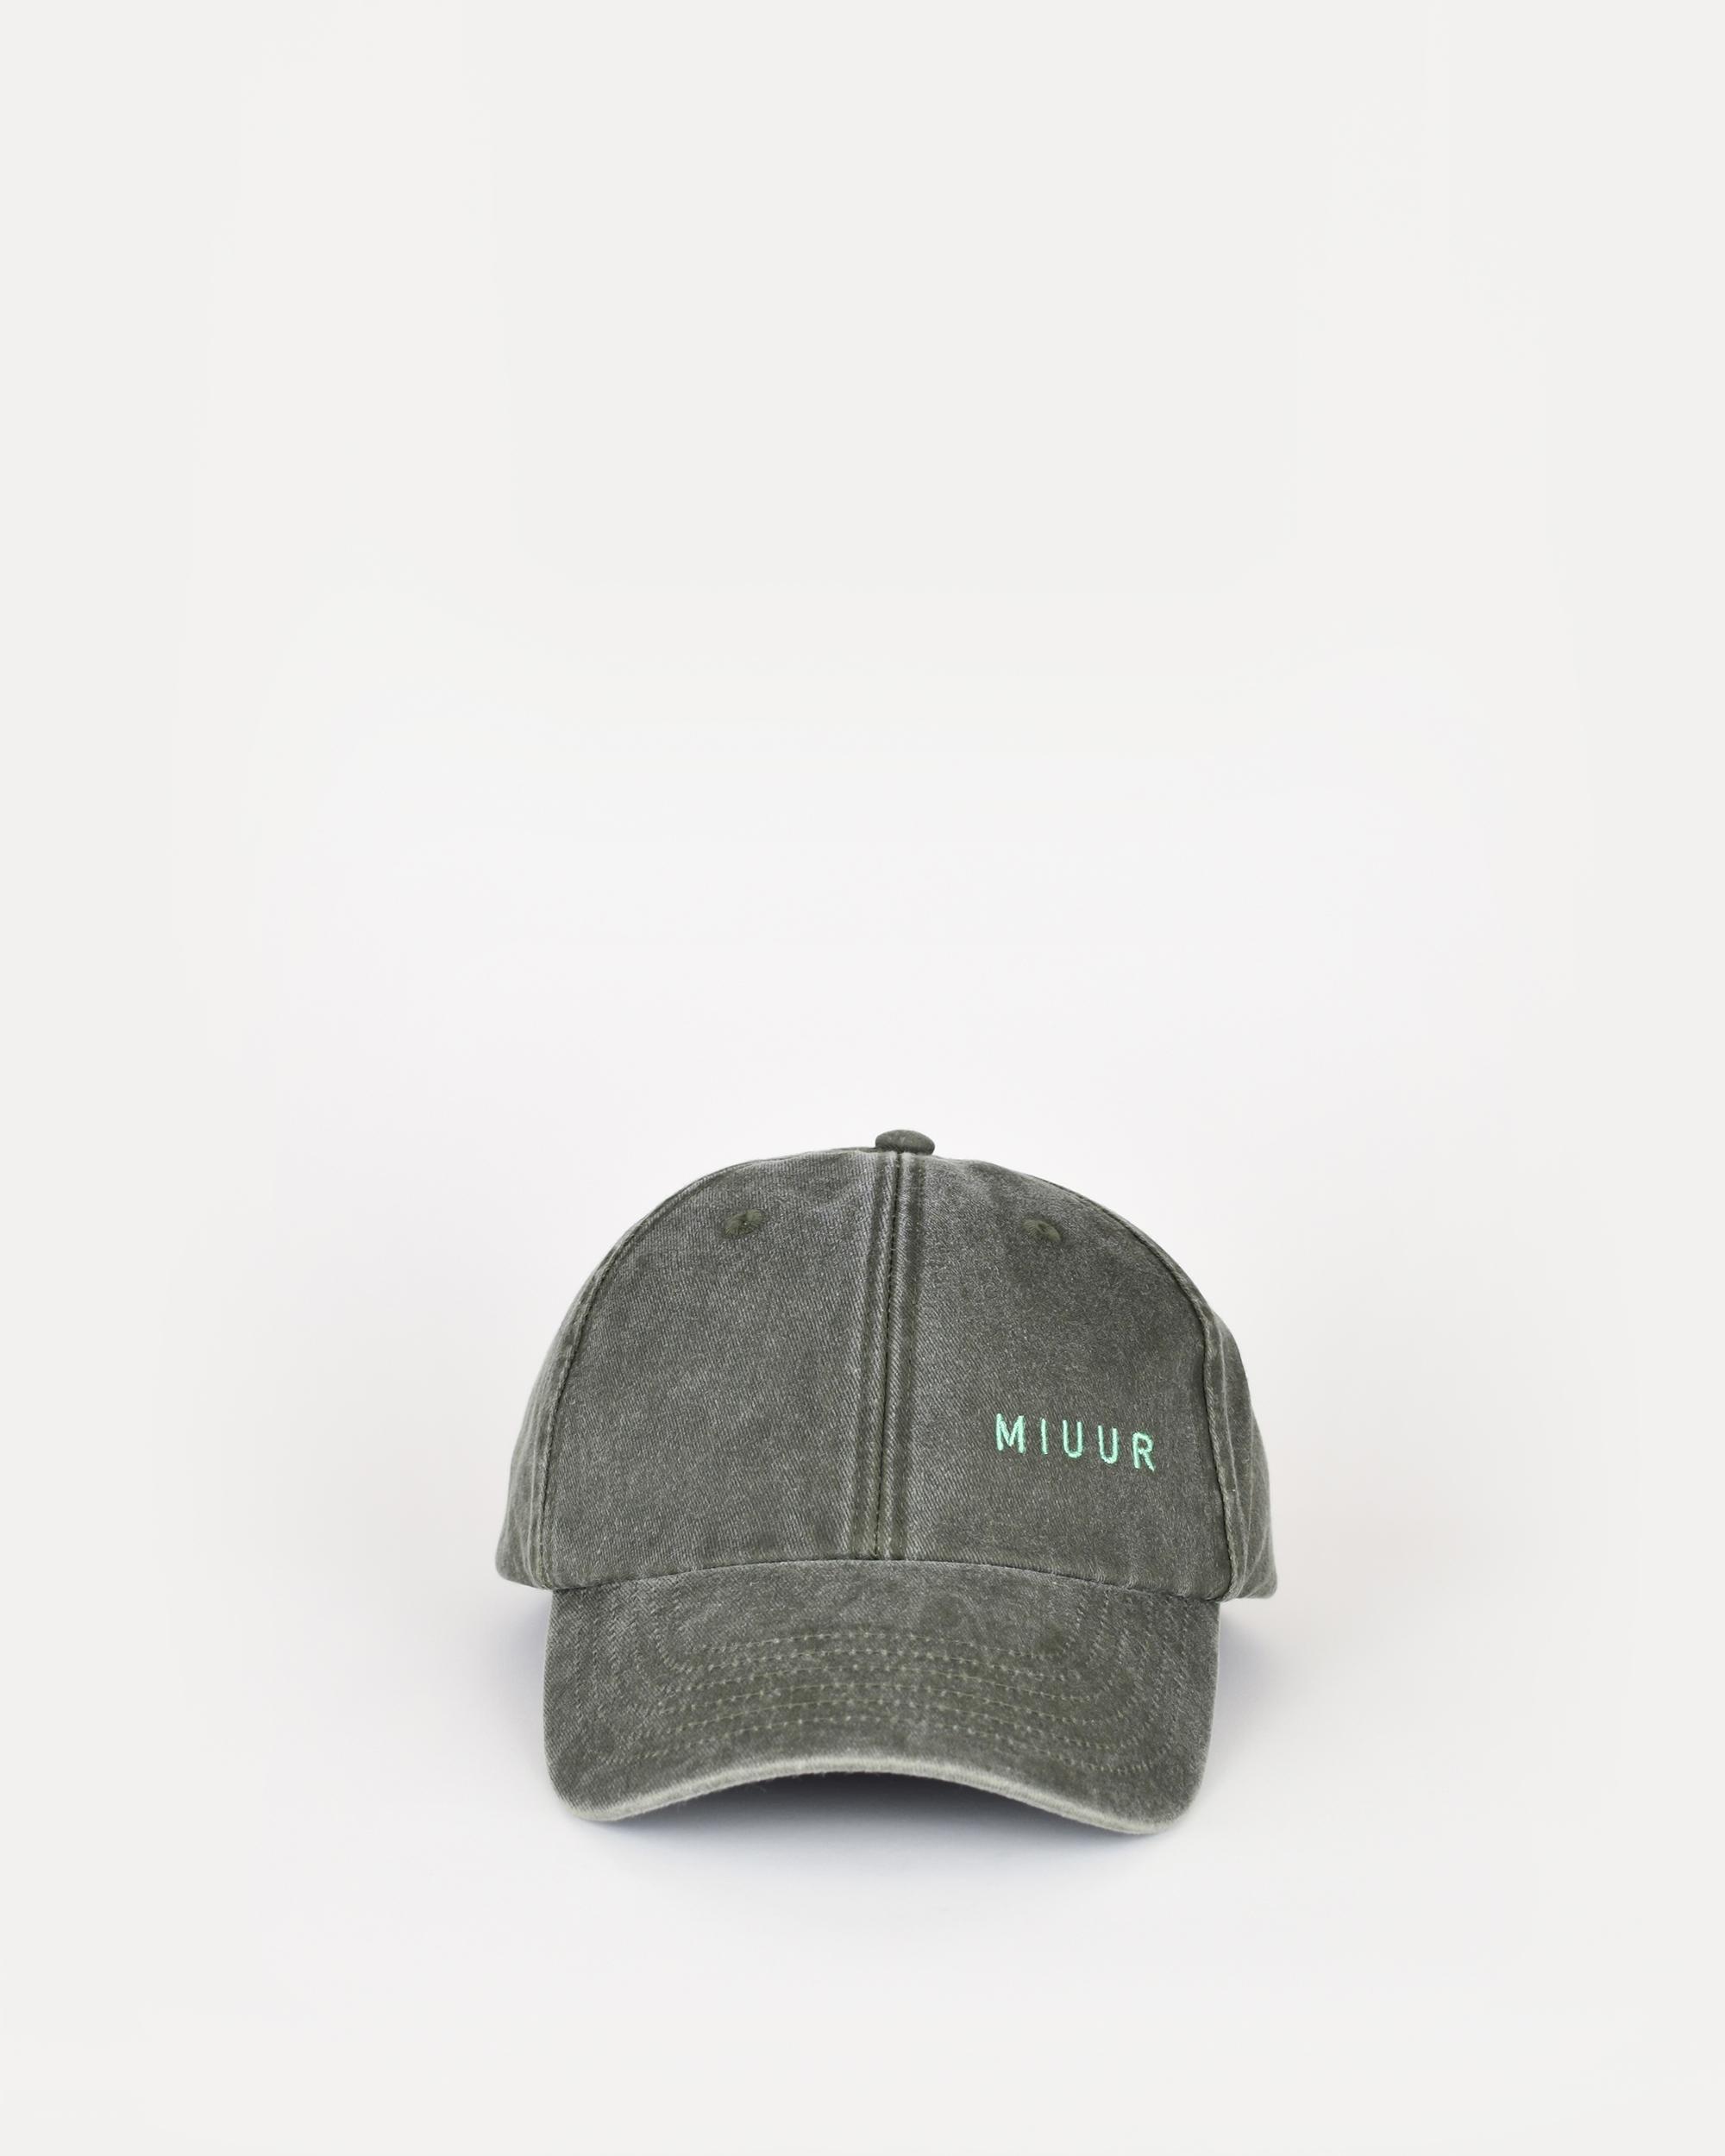 miuur cap green front